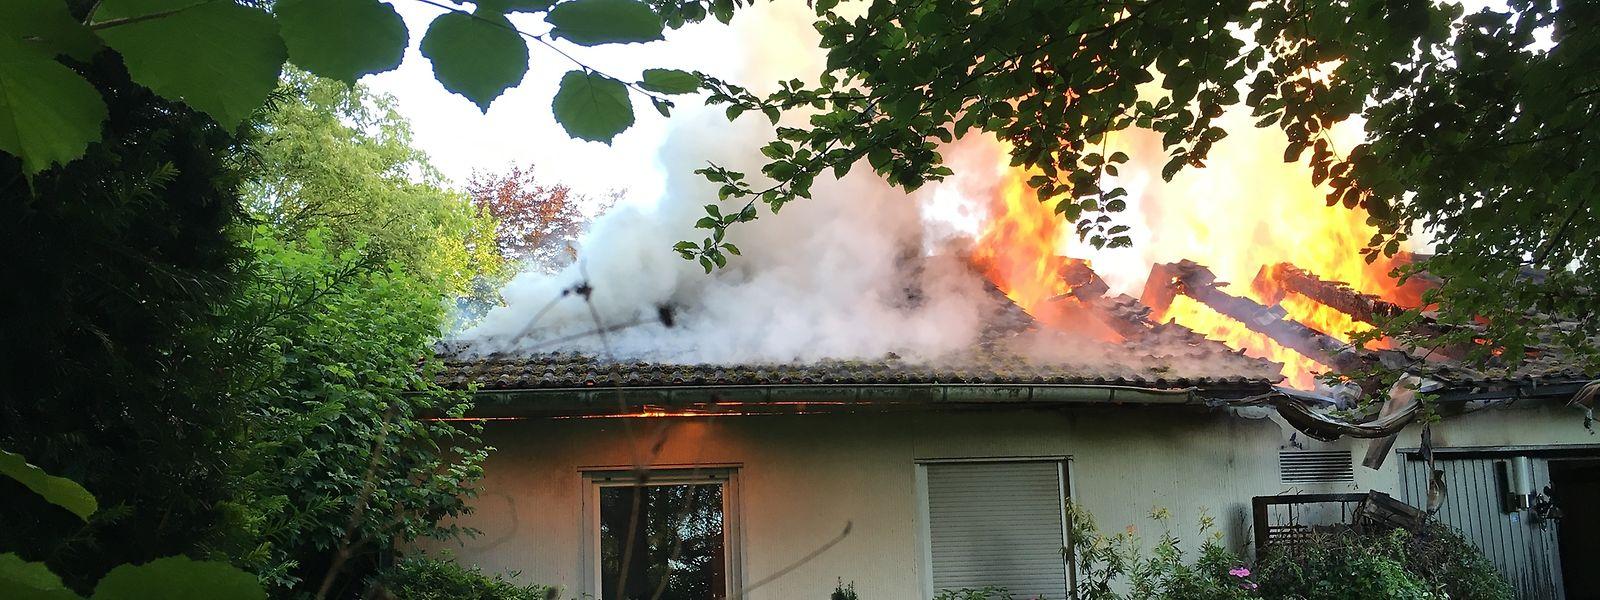 La maison de Boulaide a été entièrement détruite